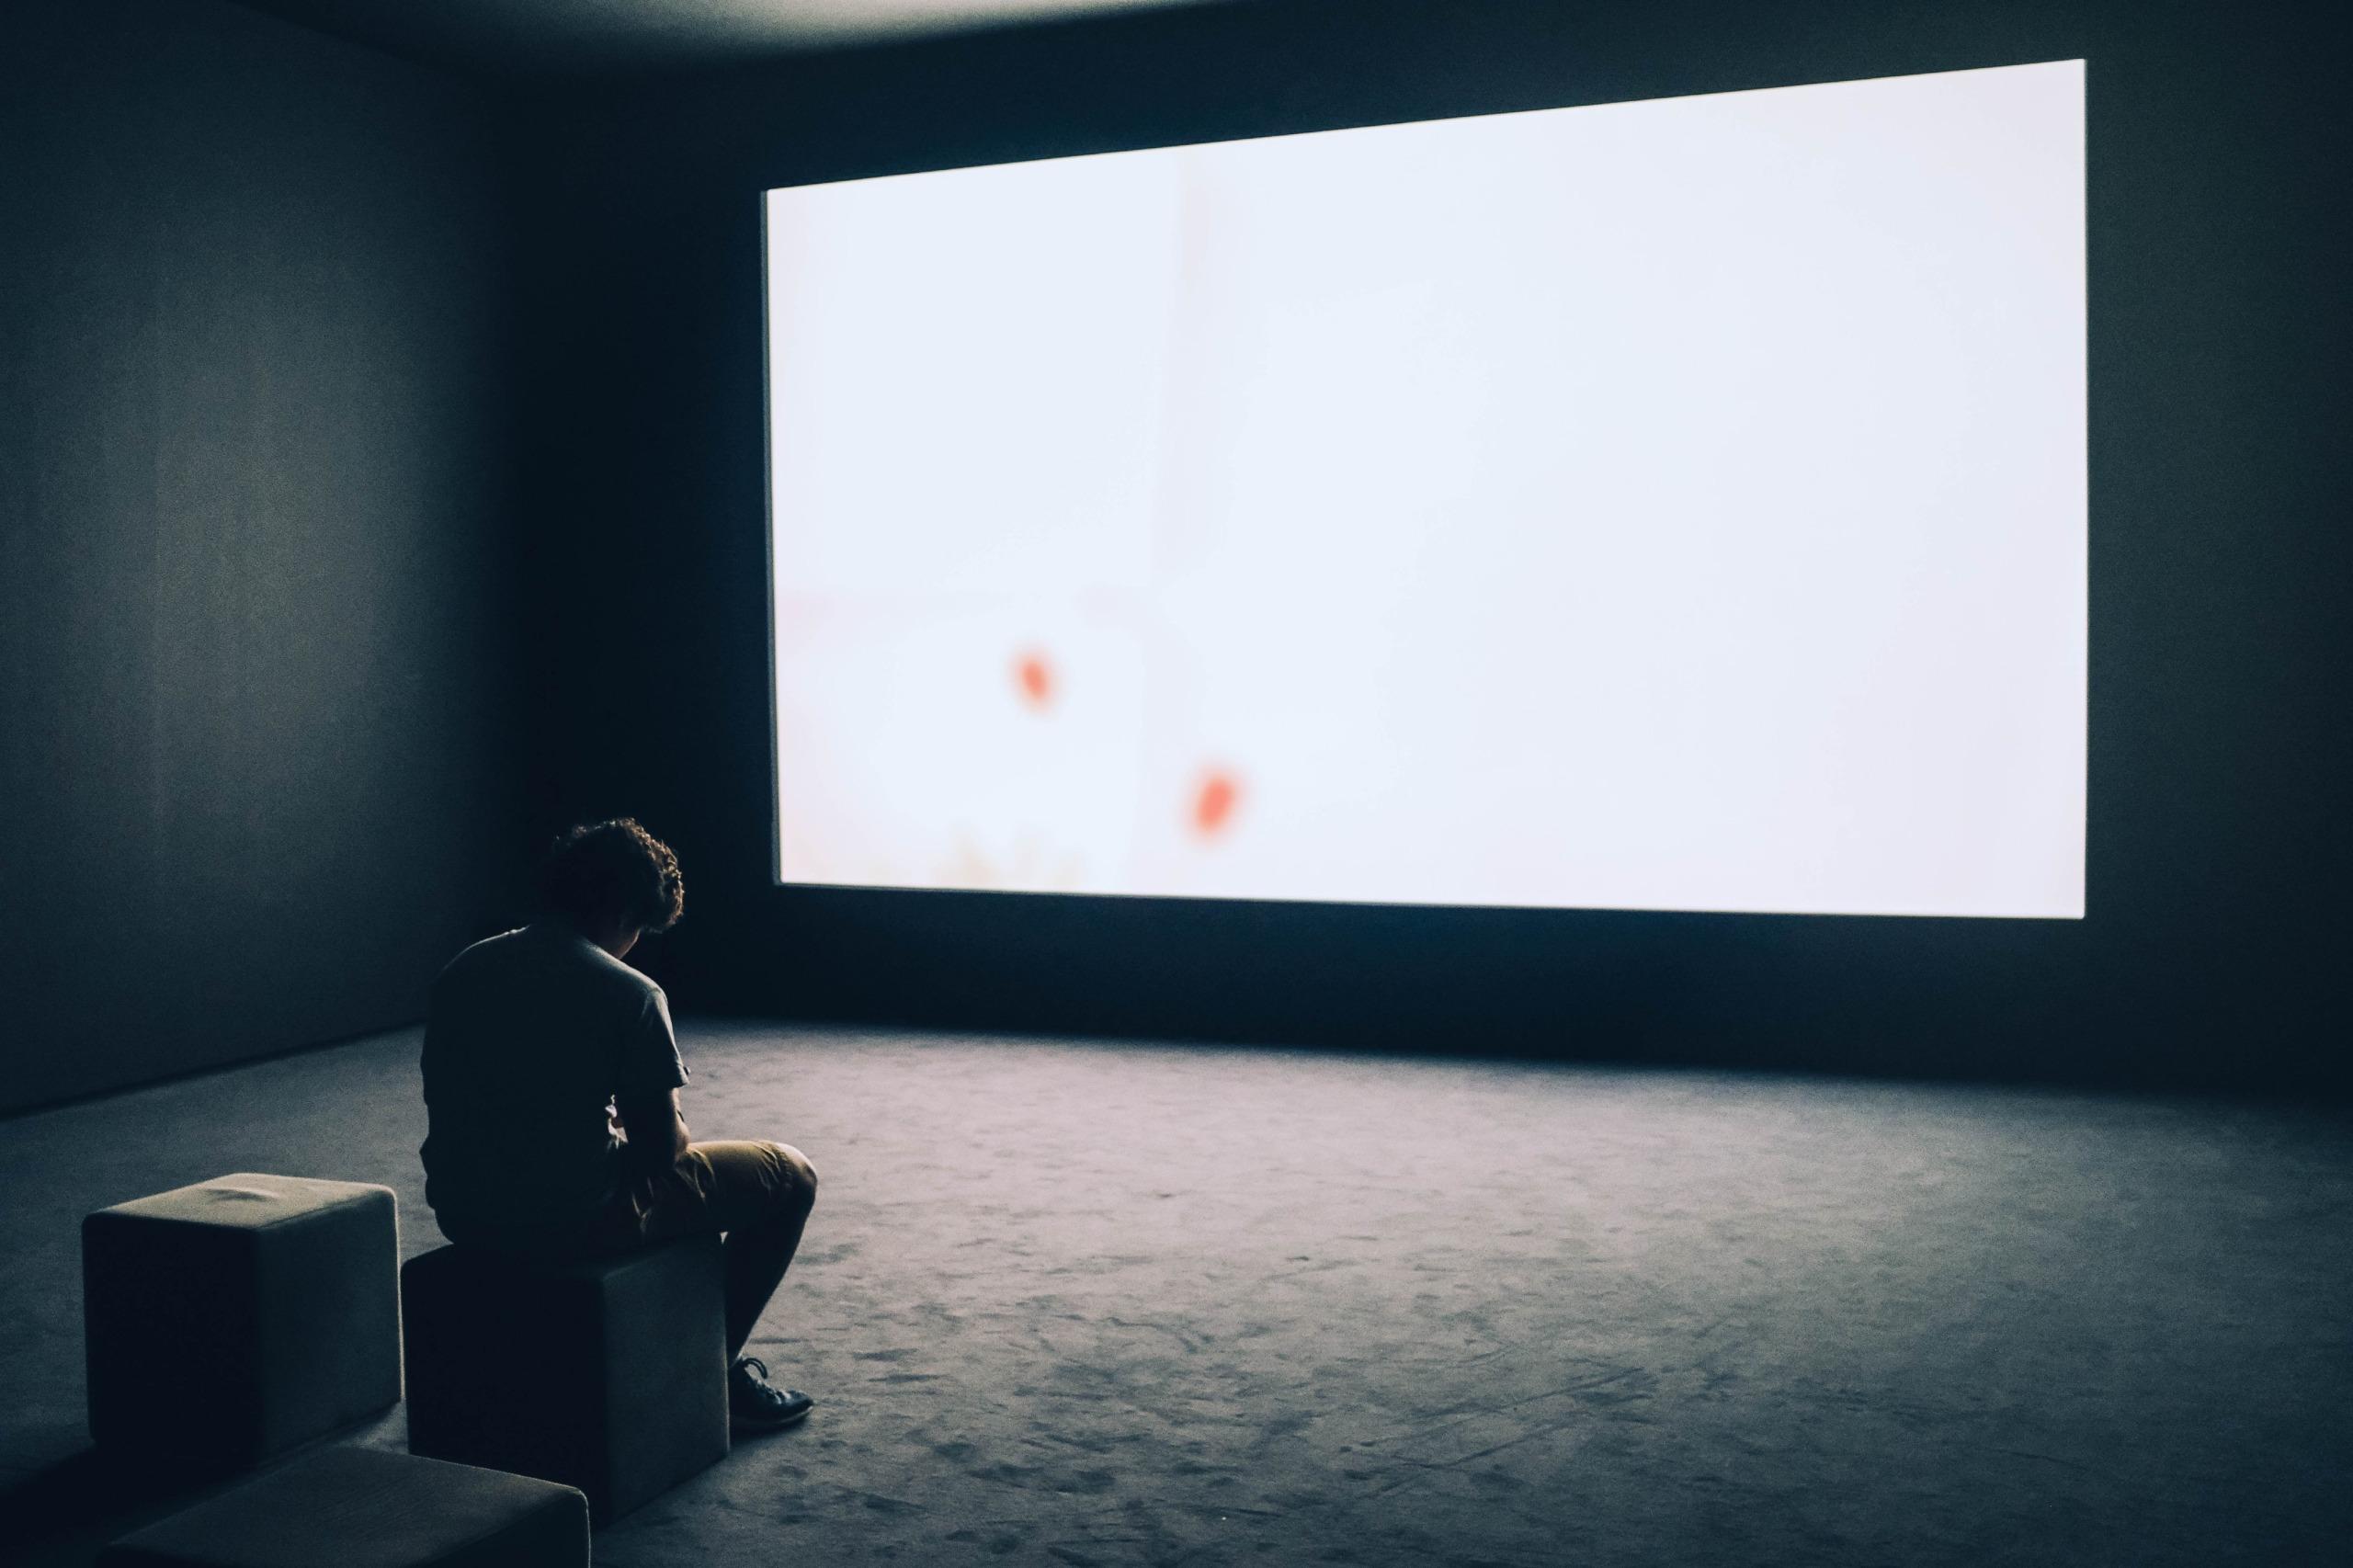 projector under 100